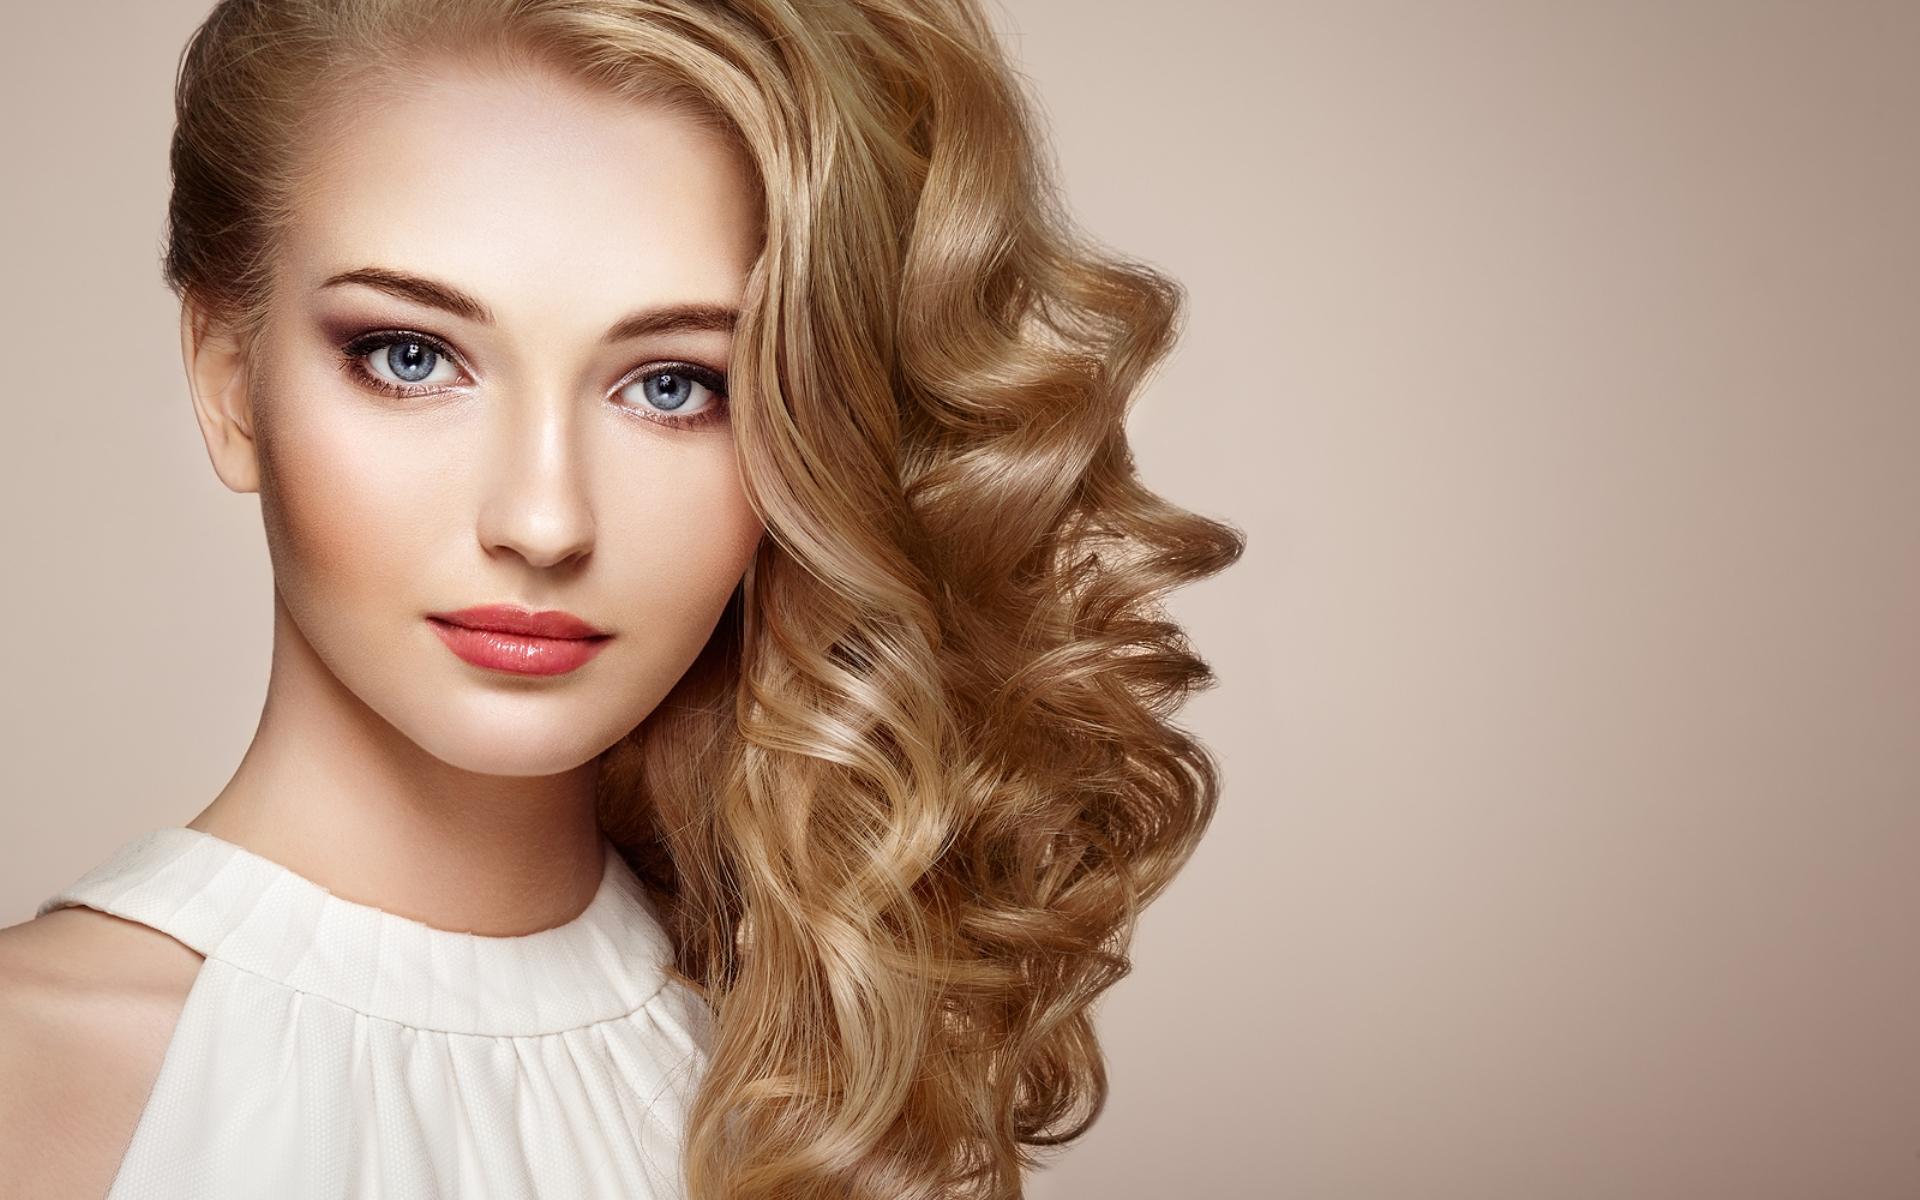 Картинки про девушек красивых блондинок и шатенок 5